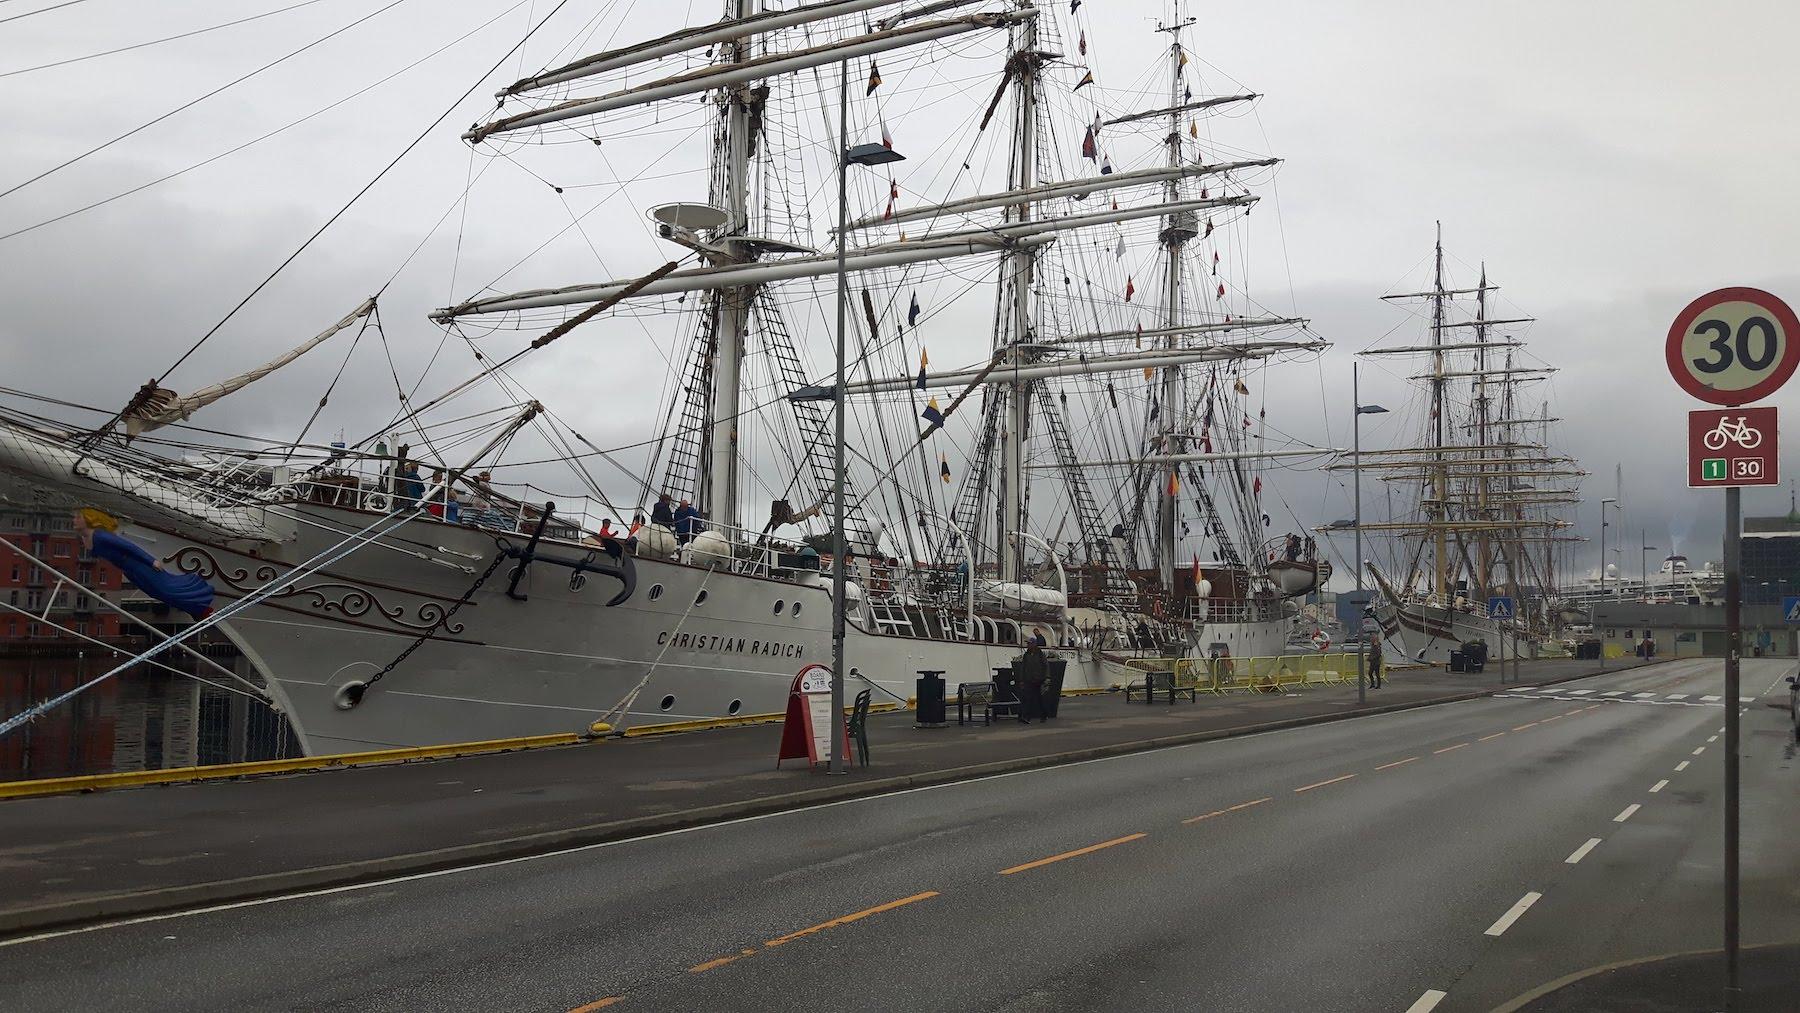 Tall ship Bergen